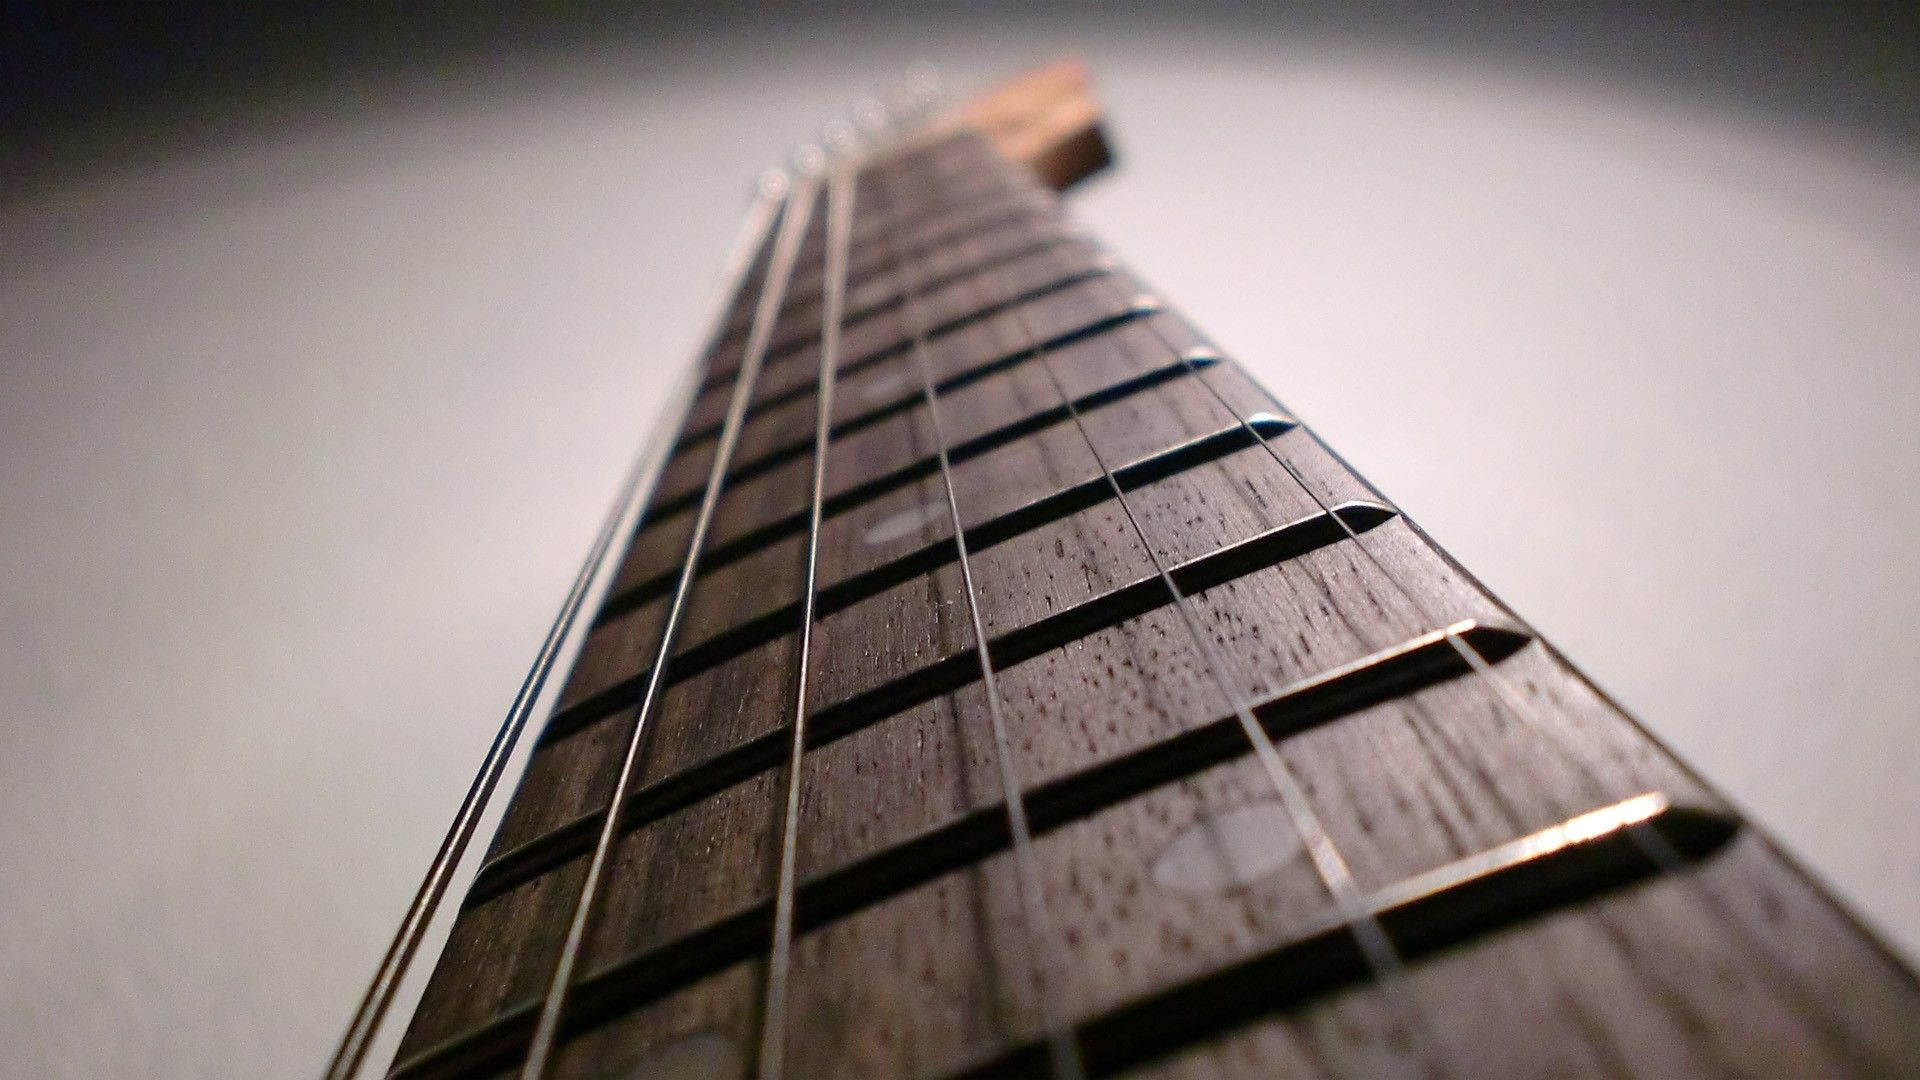 Acoustic Guitar strings, Good Wallpaper